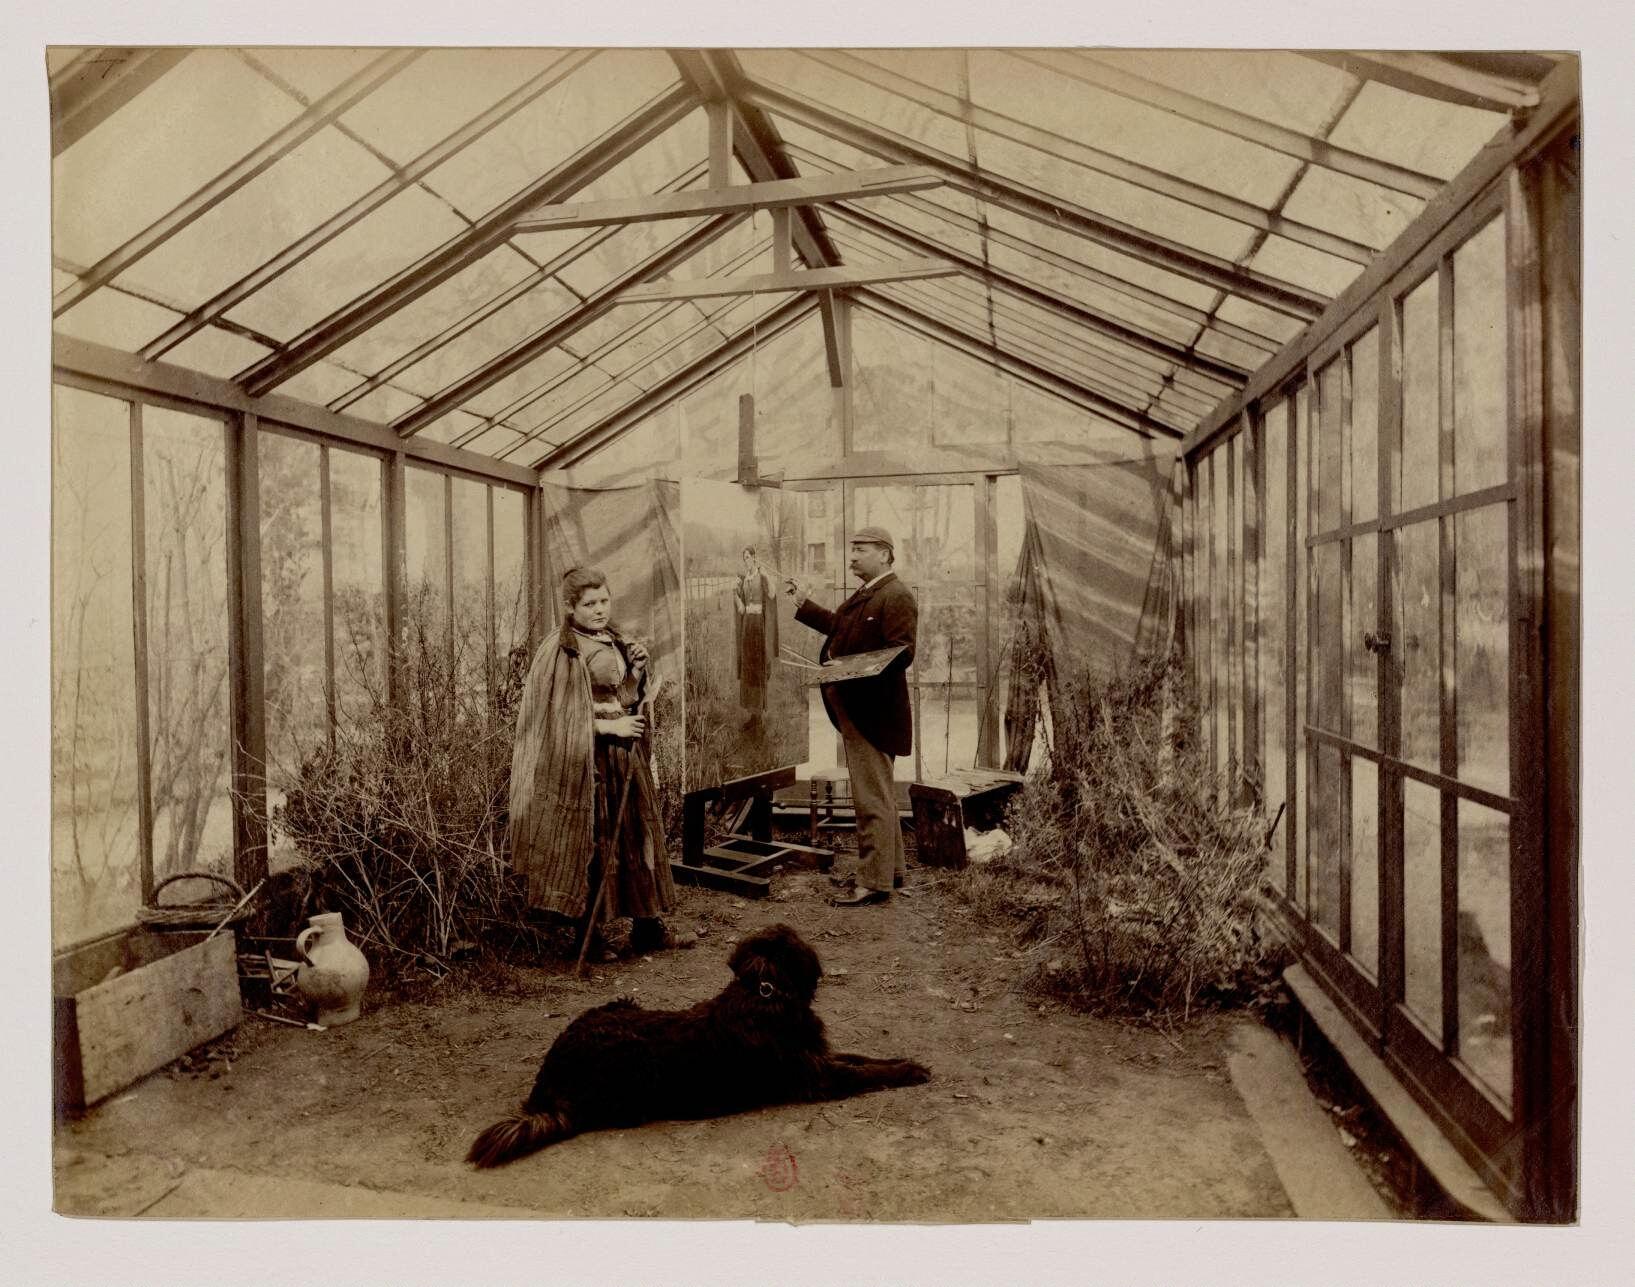 19. Дэниел Риджуэй Найт (1839-1924) — американский художник-реалист, представитель жанровой живописи